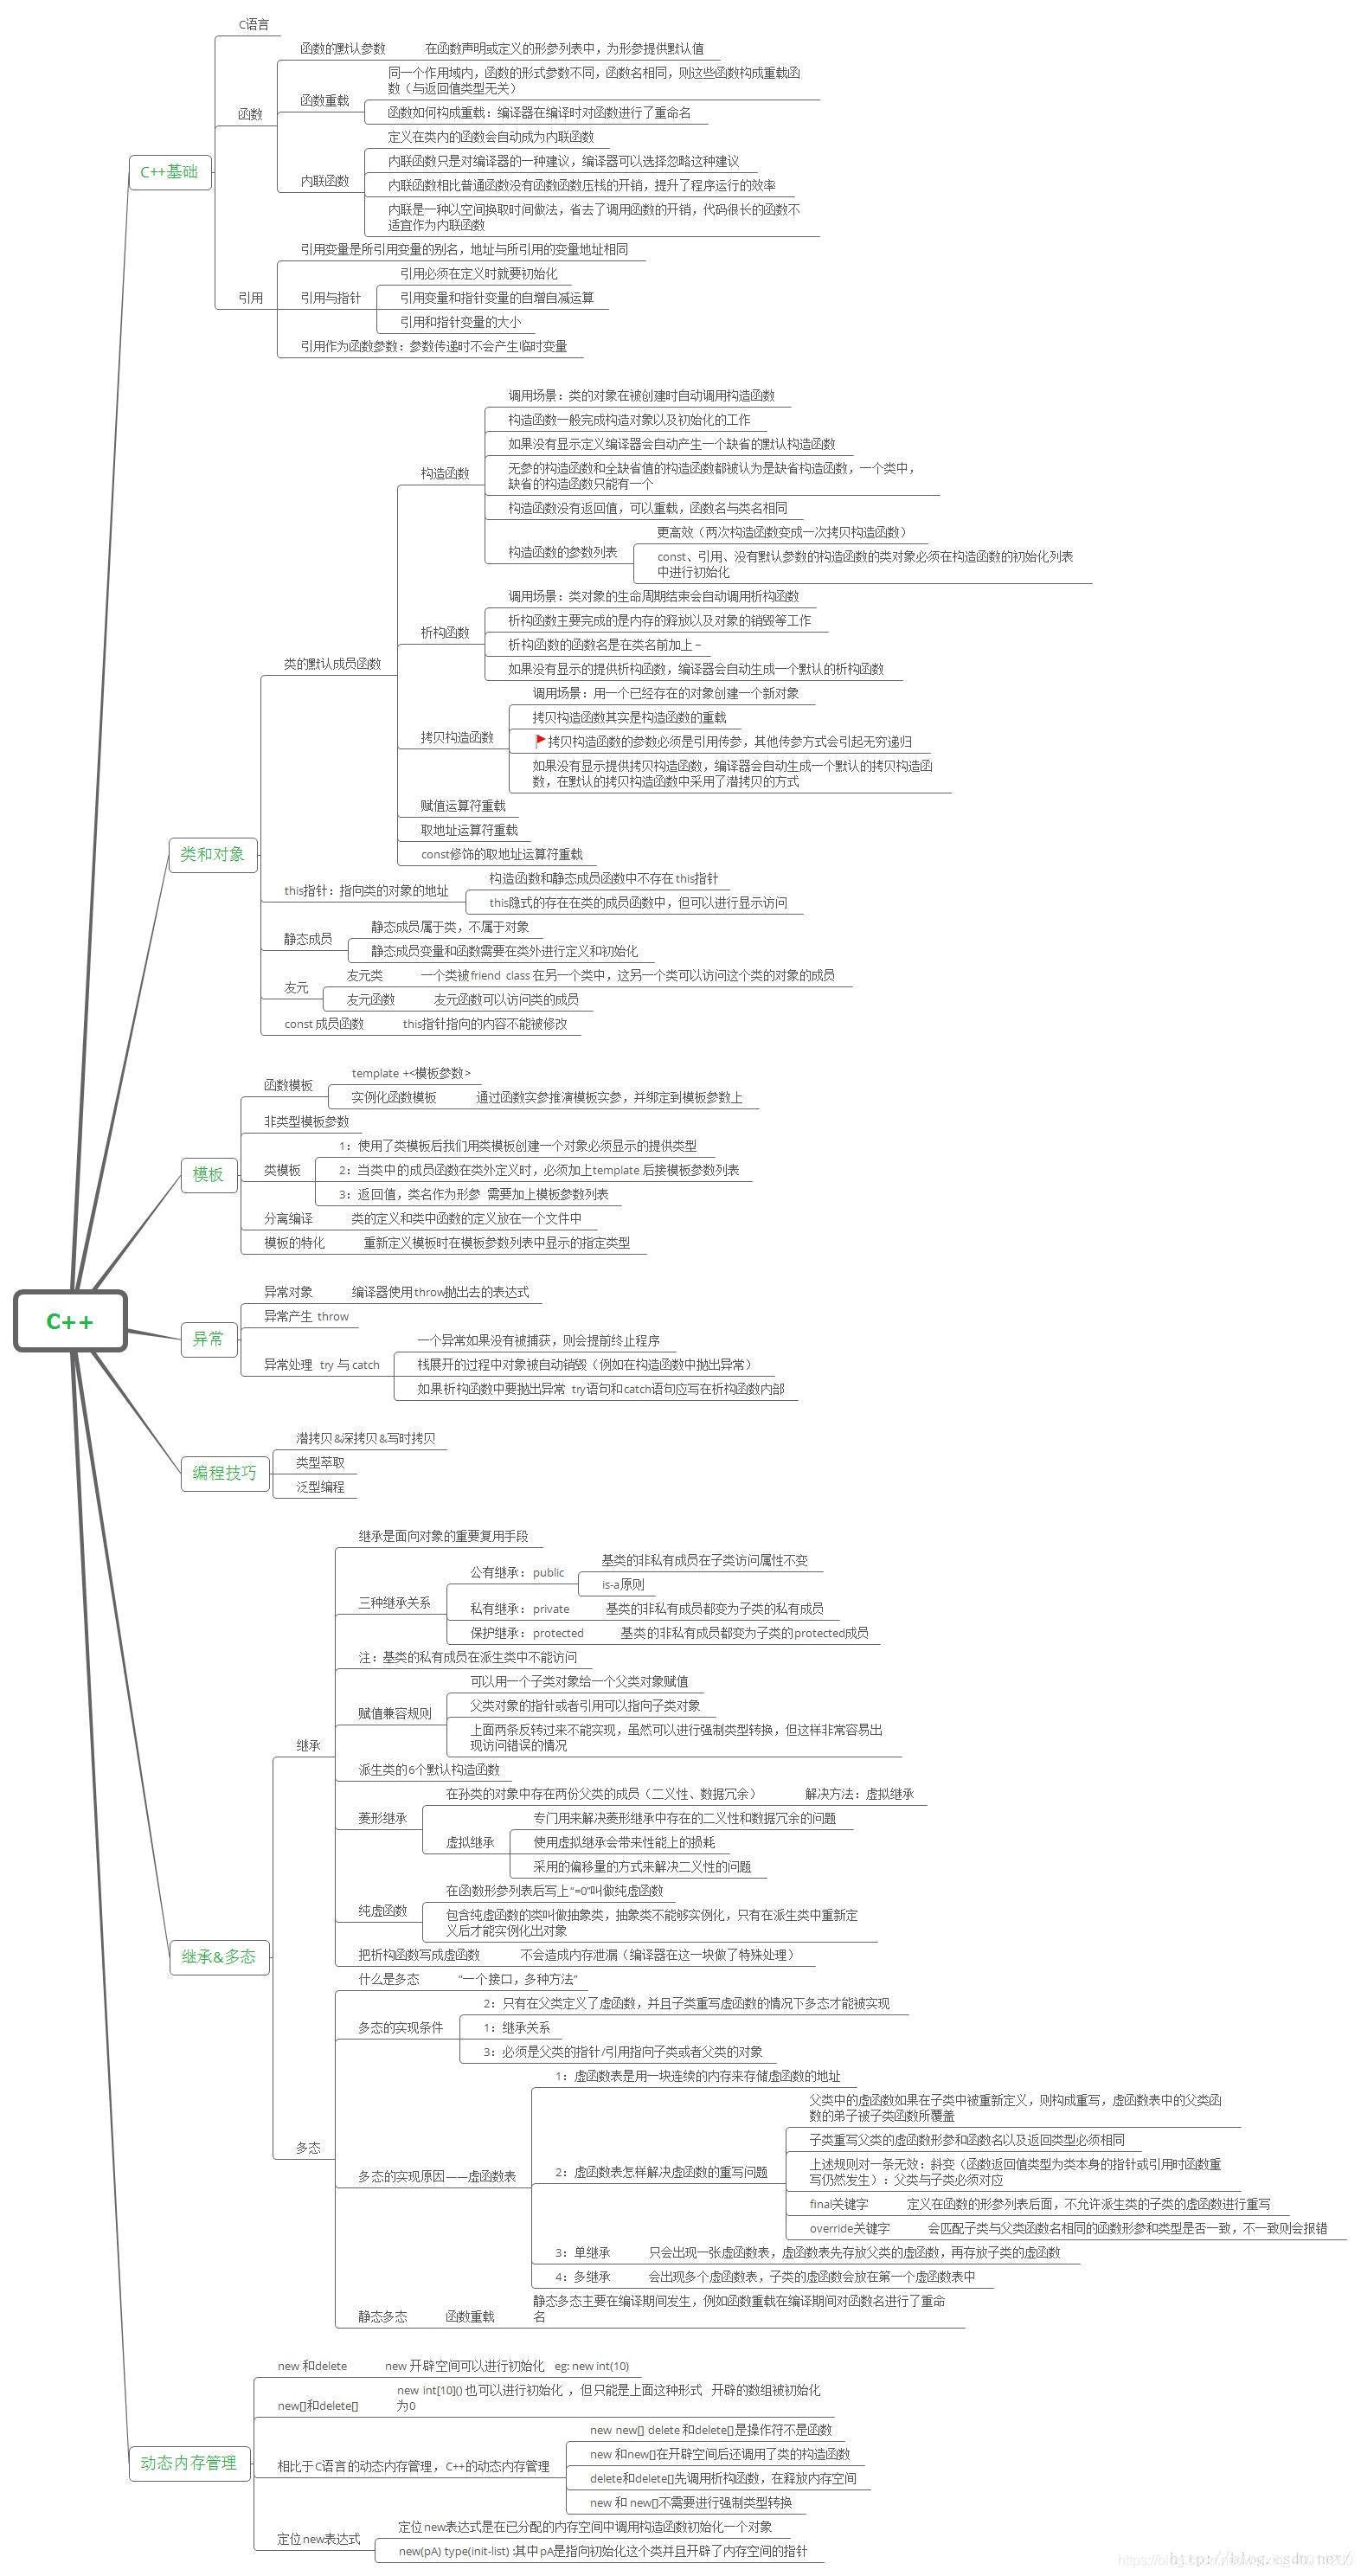 C++思维导图_基础简要大纲